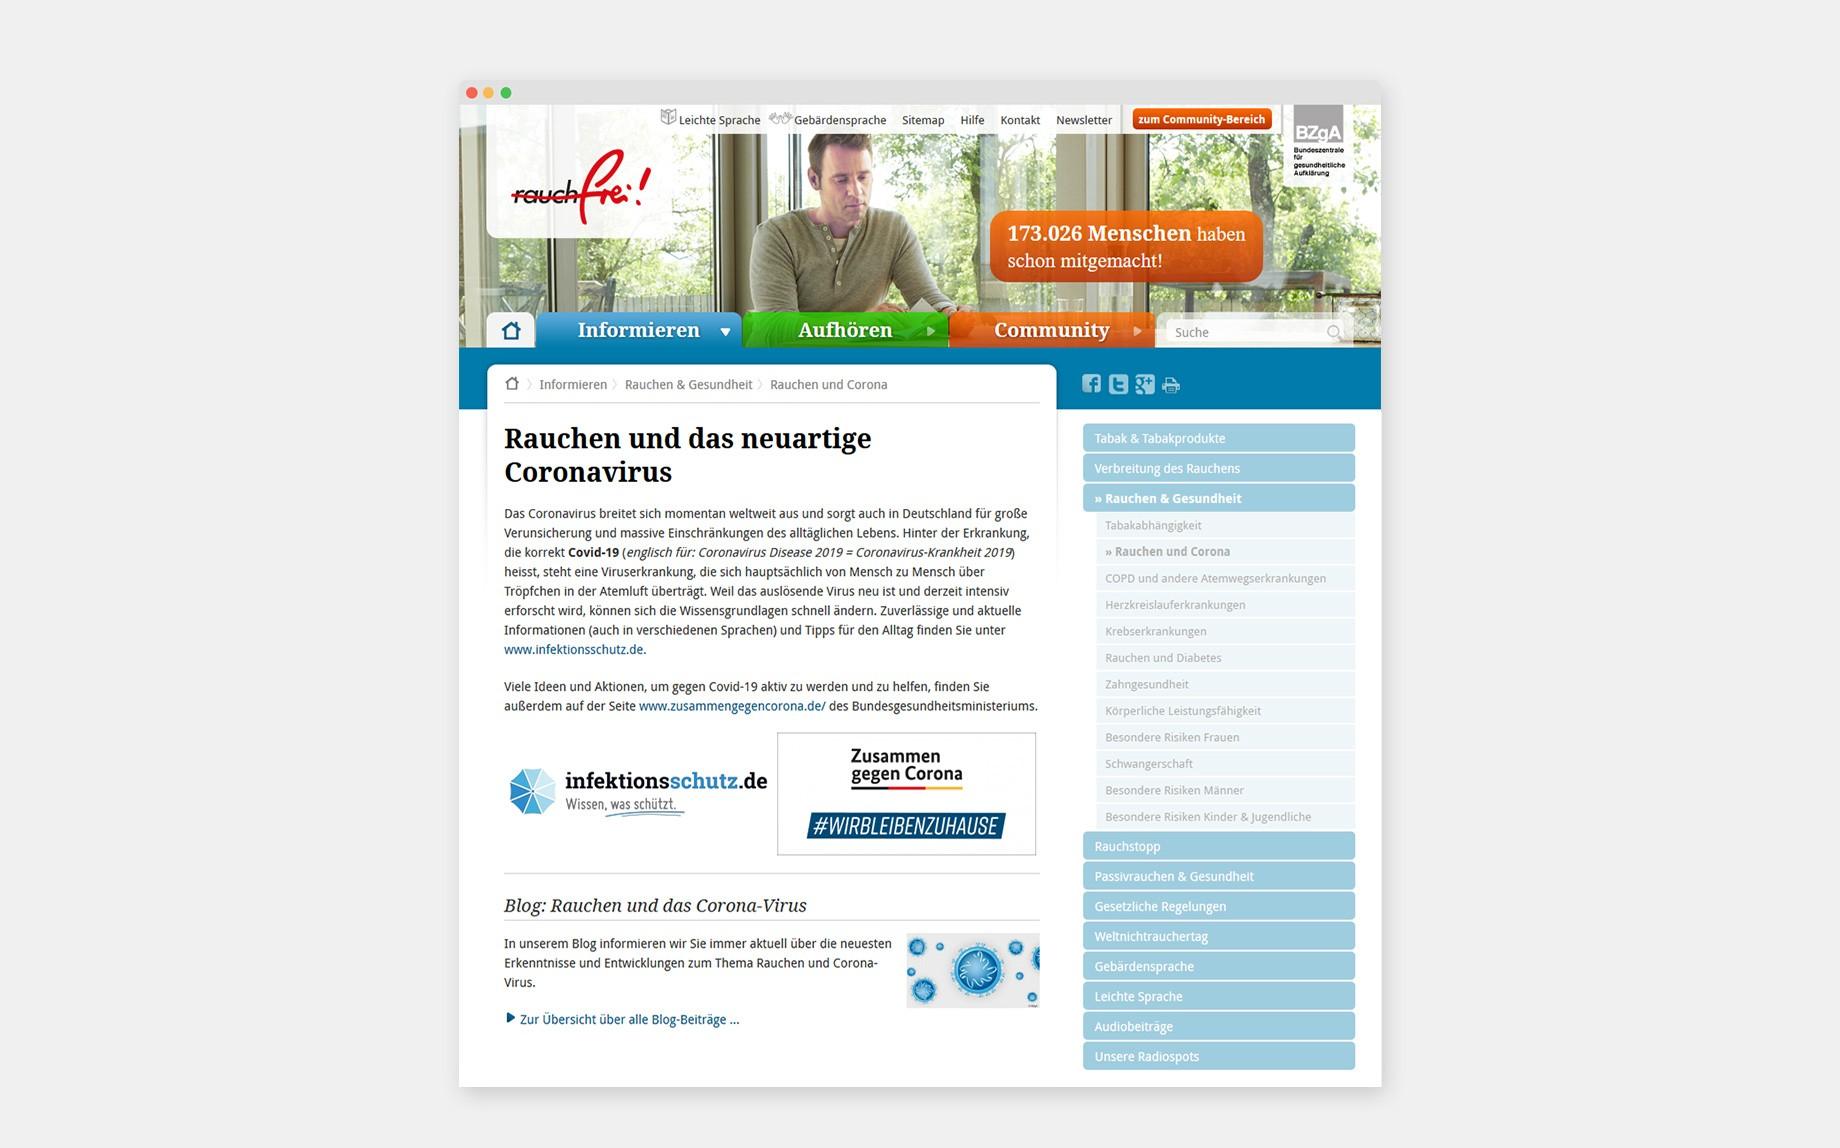 Themenseite für Raucher*innen auf www.rauchfrei-info.de/corona